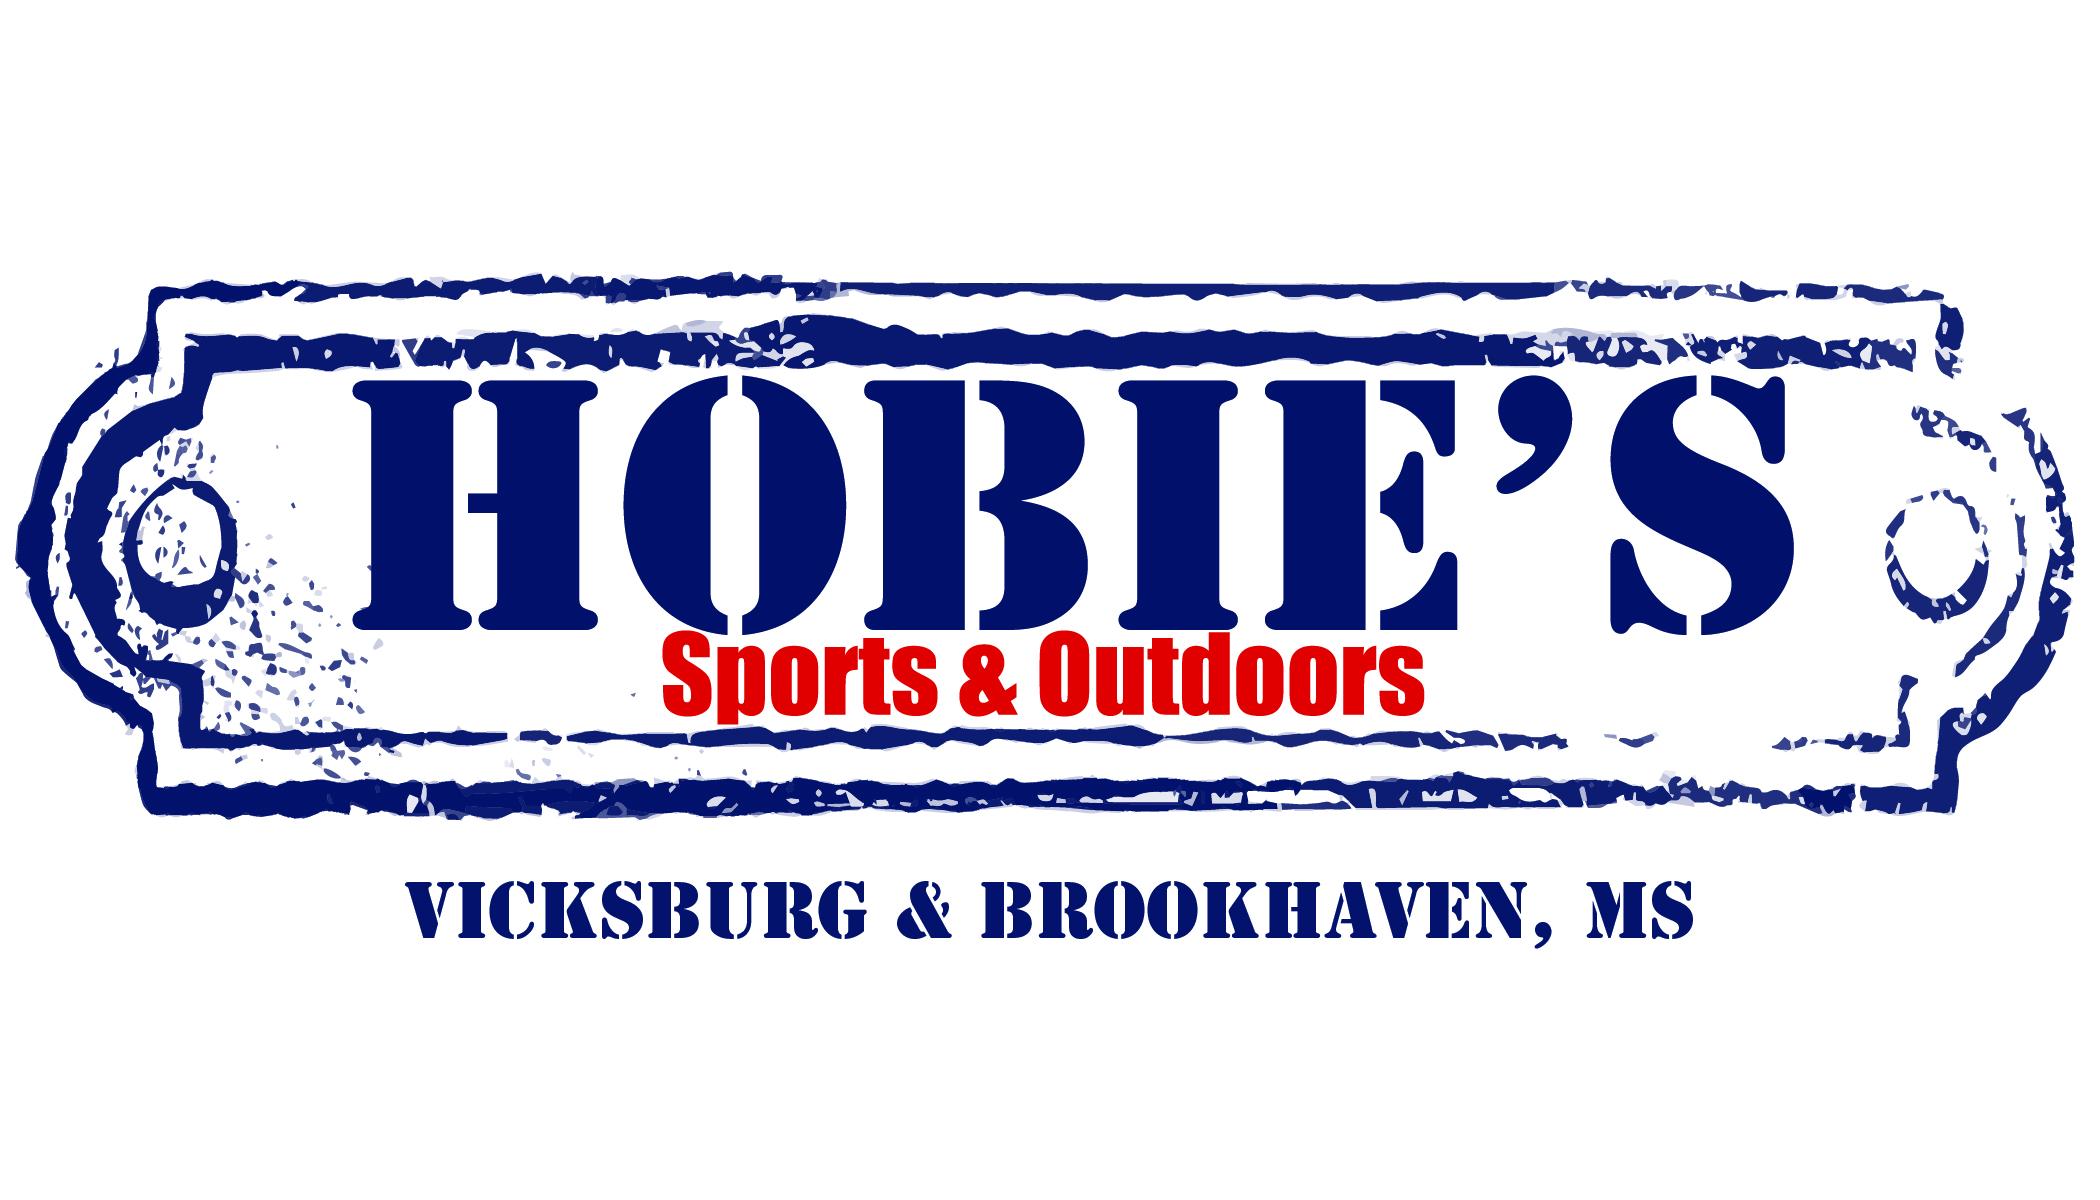 Hobie's Sports & Outdoors